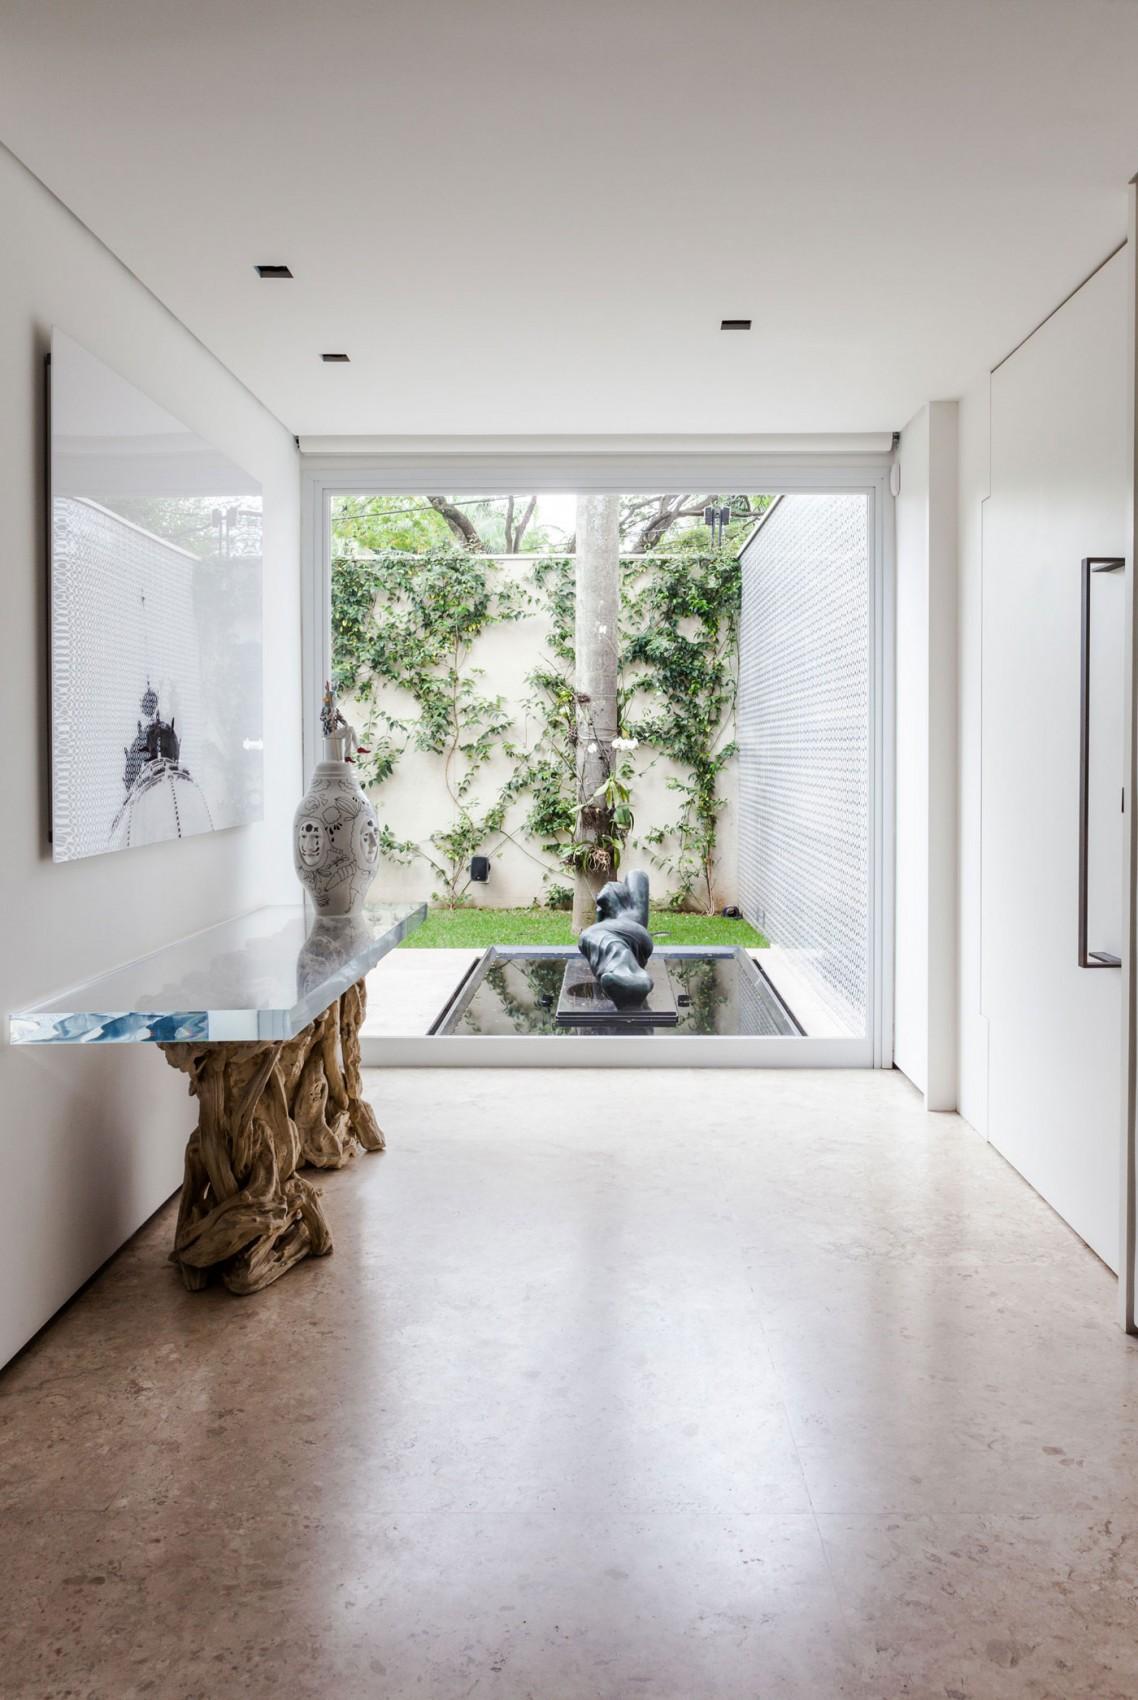 Архитектура и дизайн: проект особняка и галереи современного искусства в Бразилии